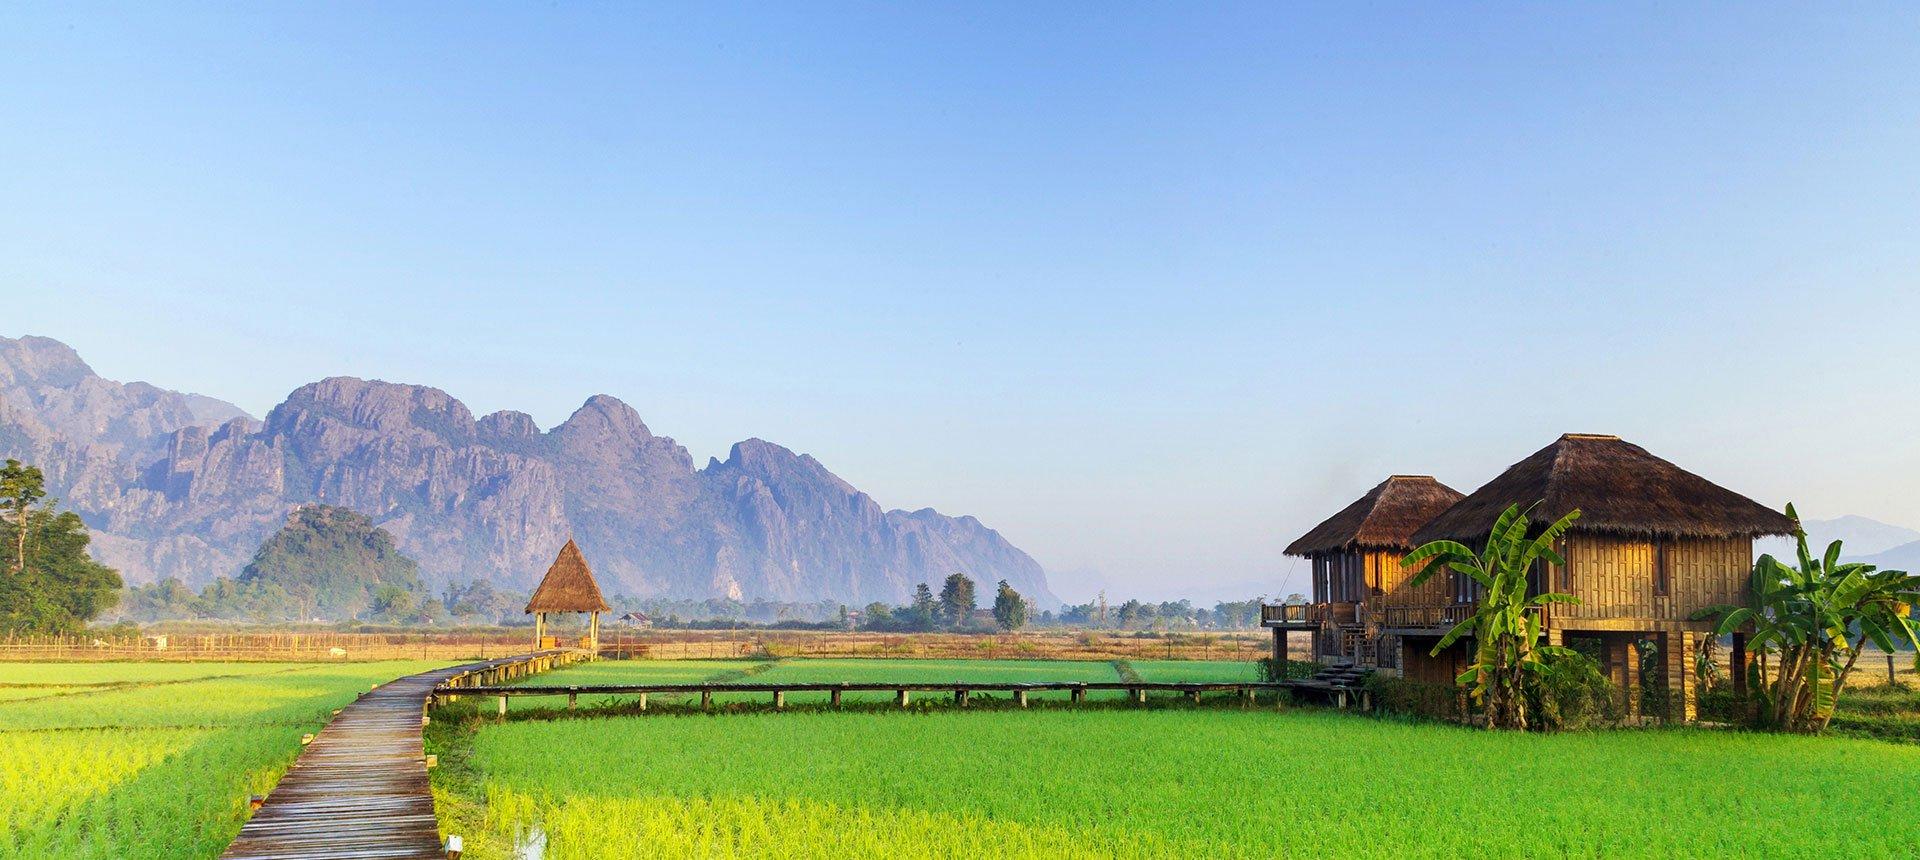 Vang Vieng landscape, Laos